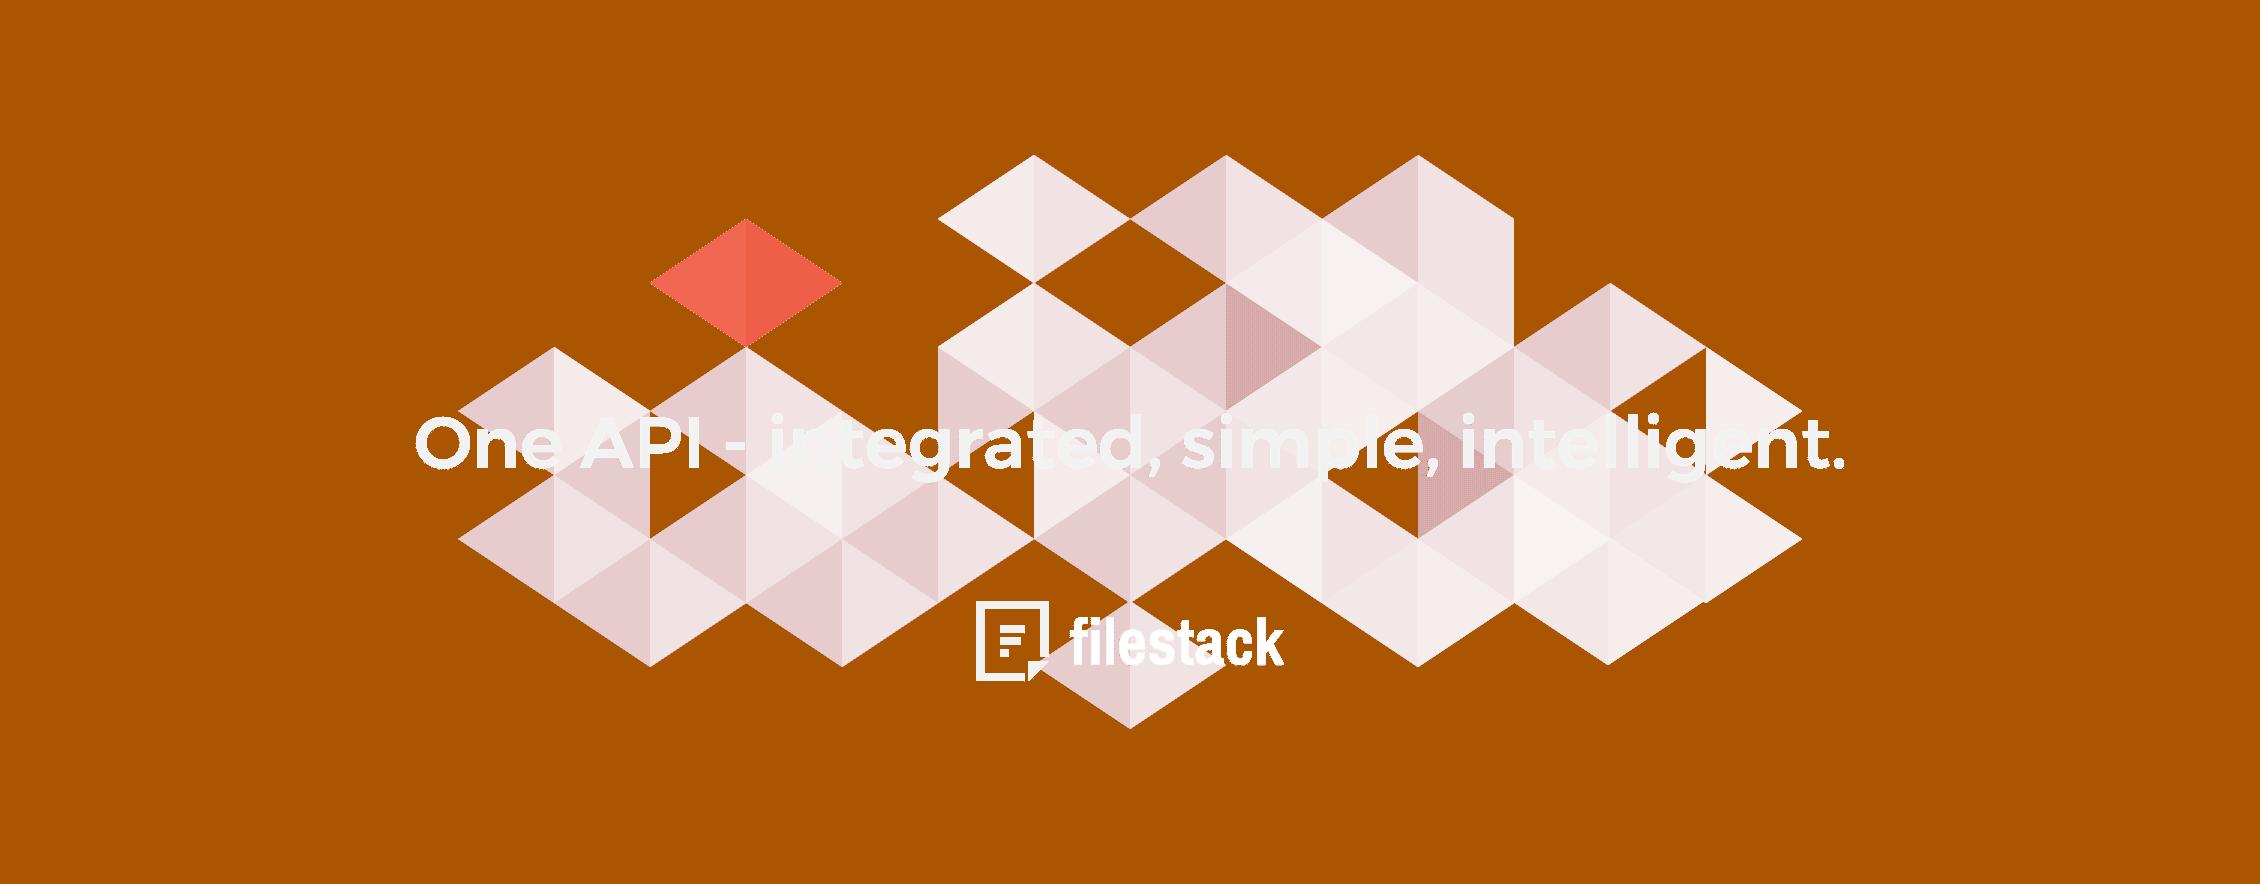 Filestack Solution Illustration